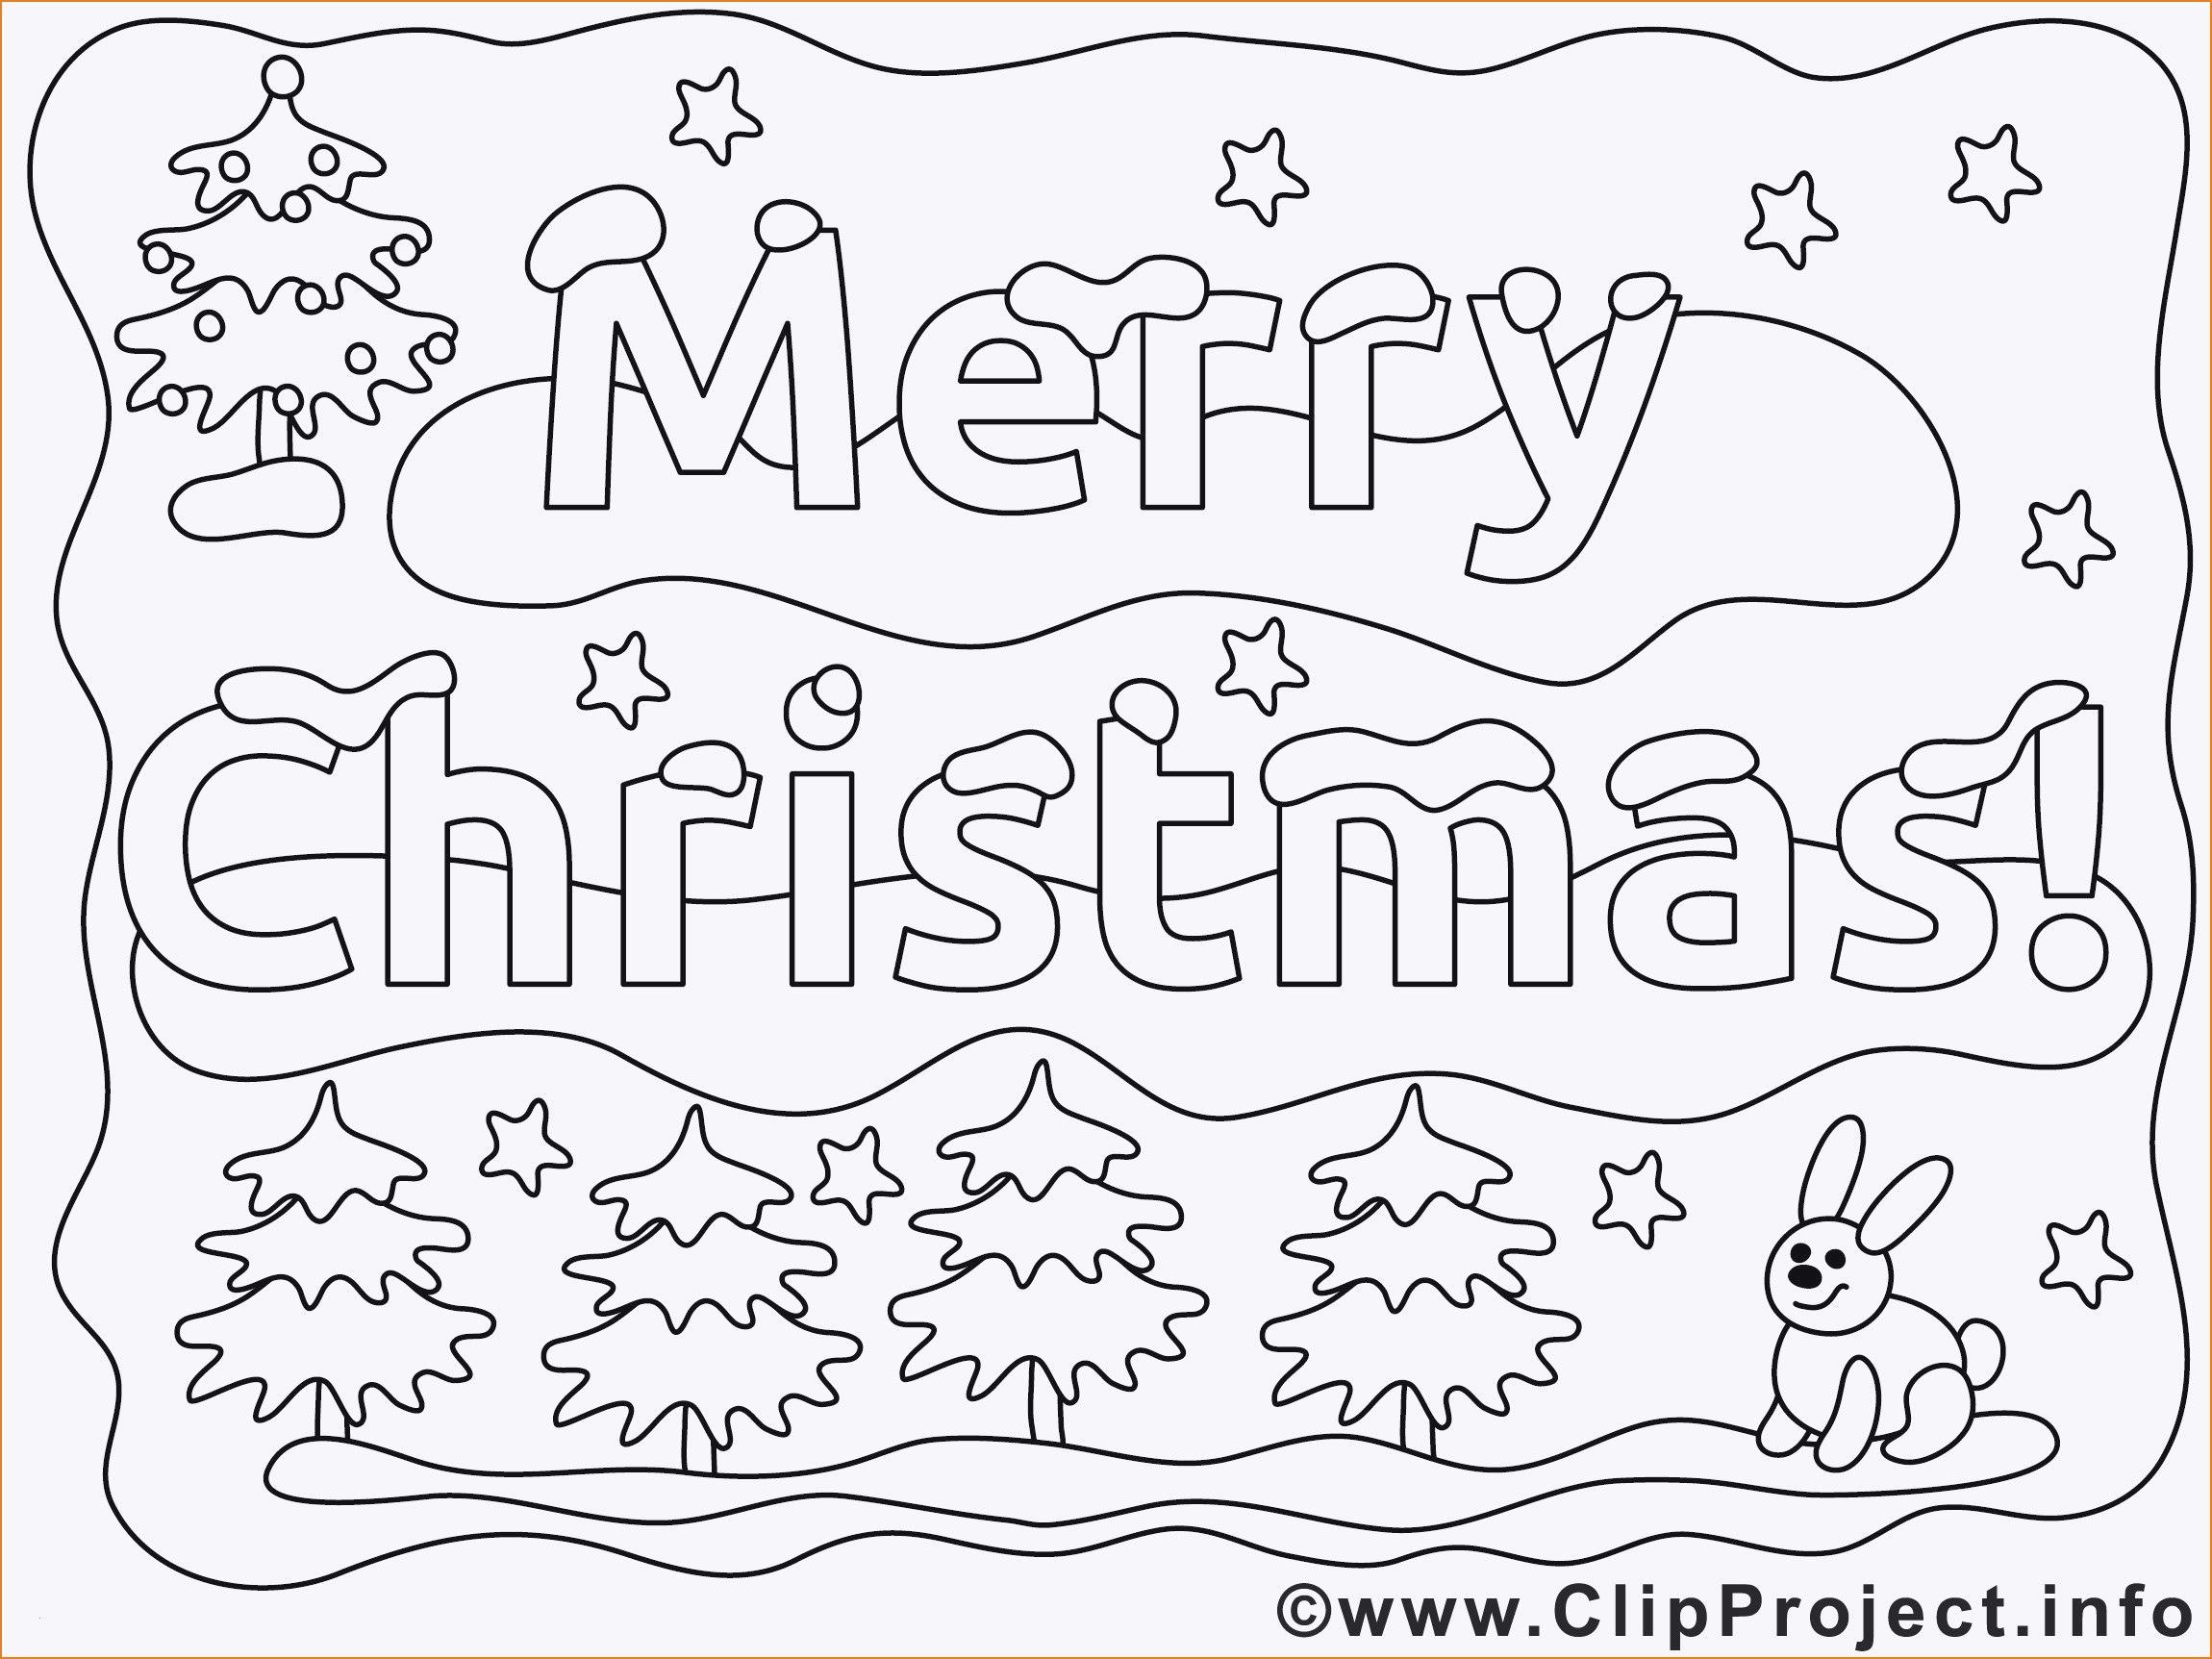 Malvorlagen Weihnachten Din A4 Einzigartig Weihnachtsmotive Malvorlagen Bilder